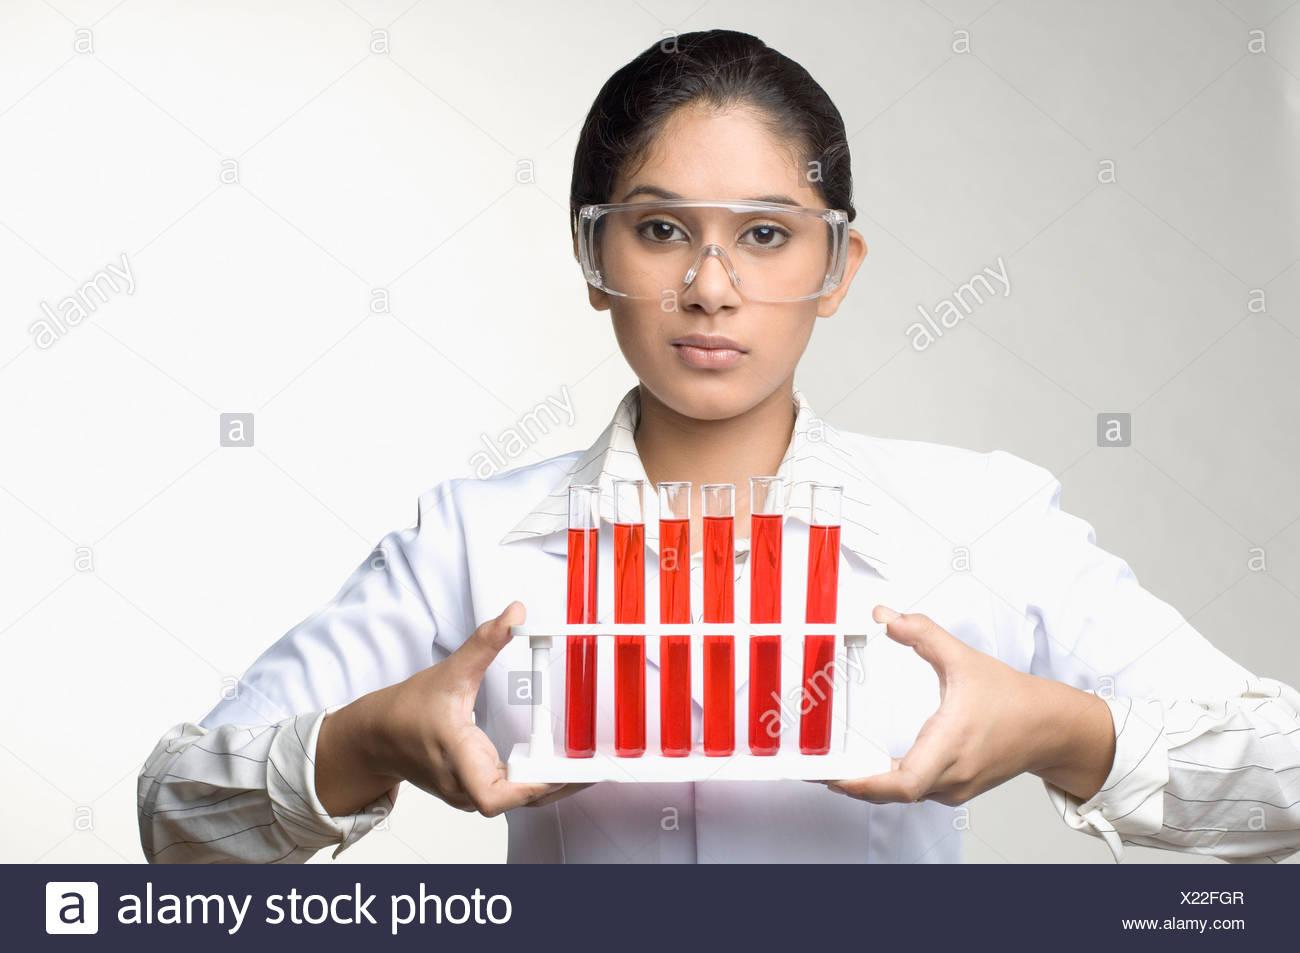 Porträt von einer weiblichen Laborantin hält ein Reagenzglas-Gestell Stockbild